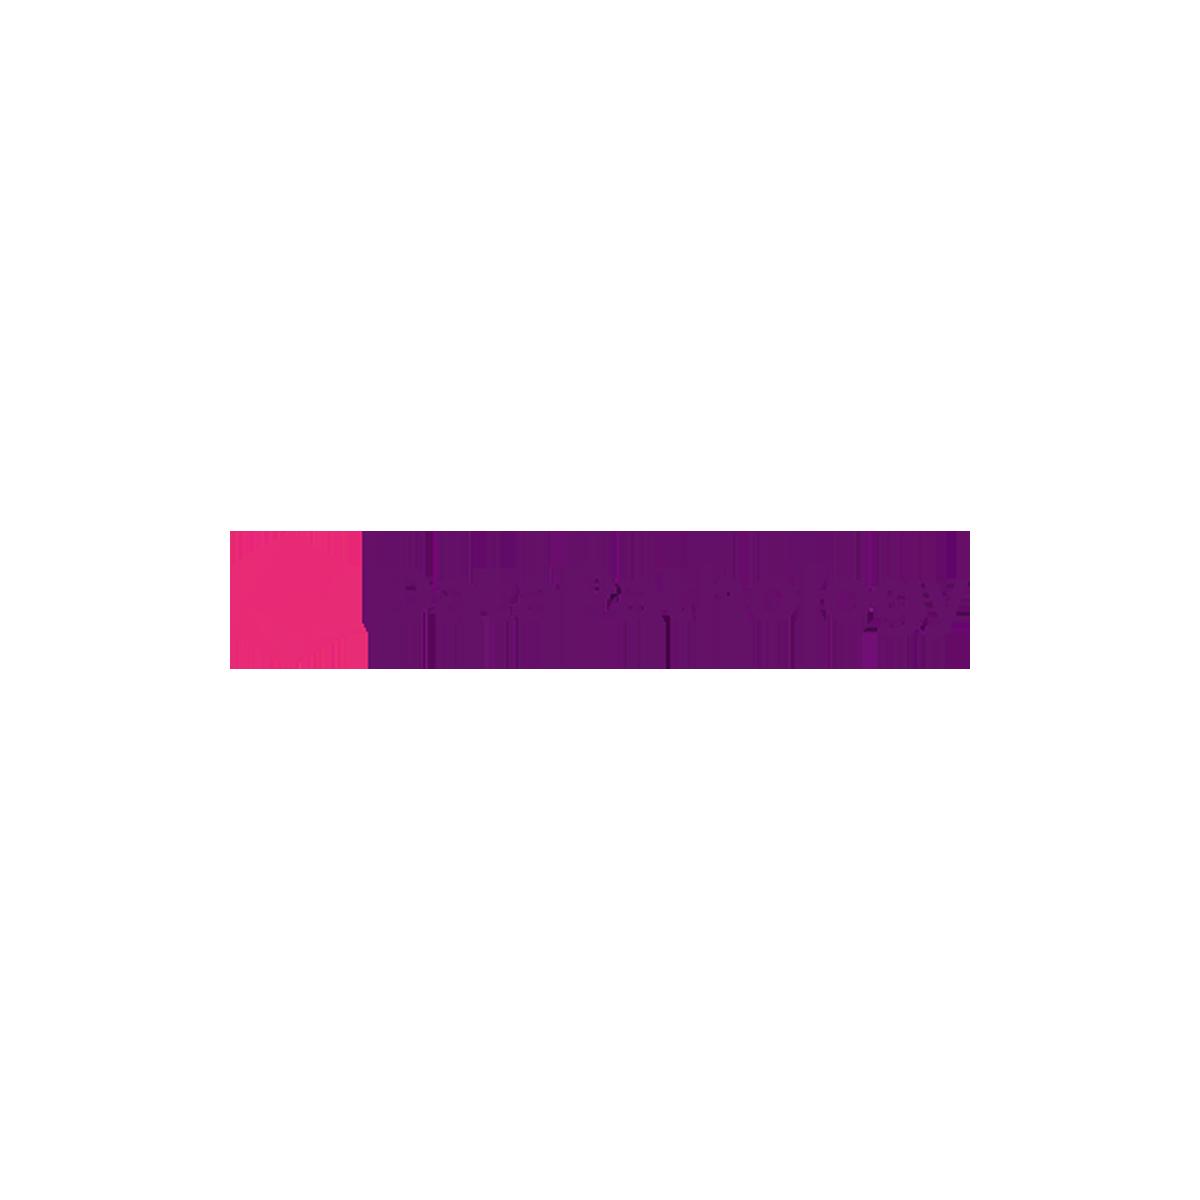 Datapathology